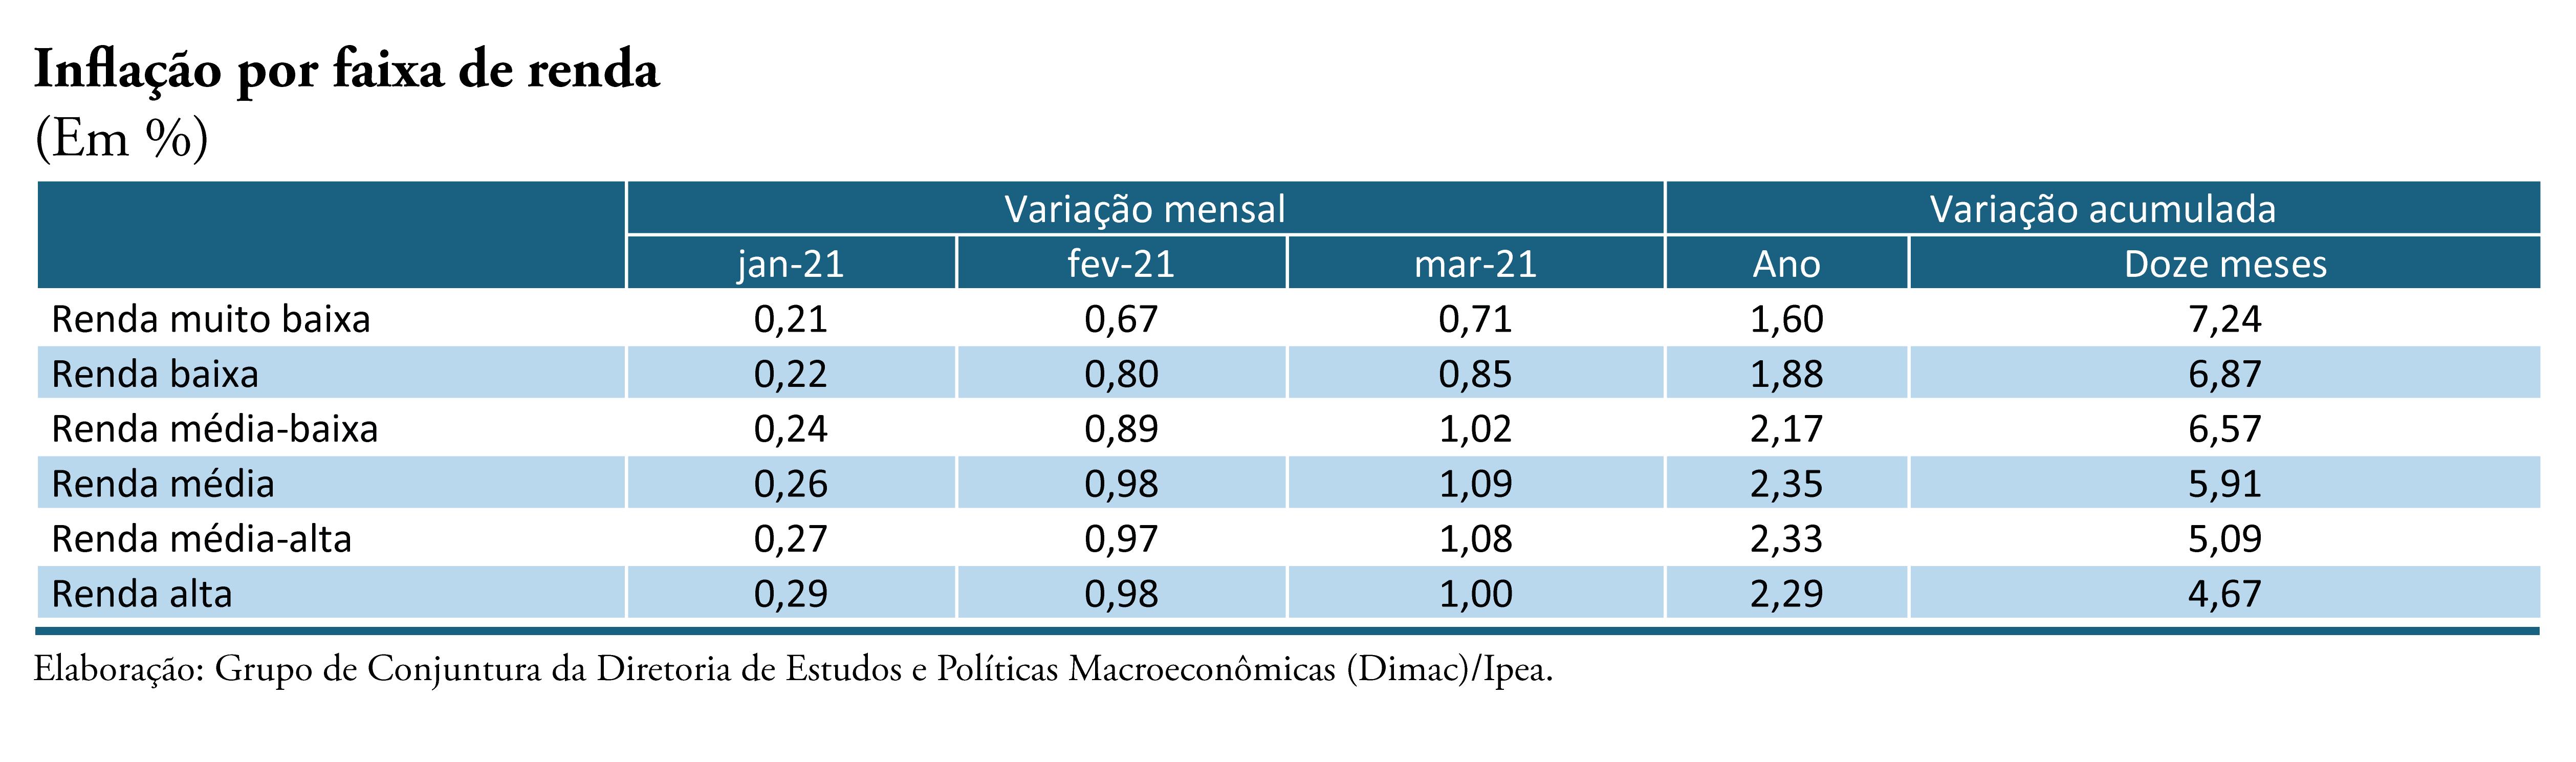 210413_cc_51_nota_5_inflacao_faixa_de_renda_tabela_1_mar_21